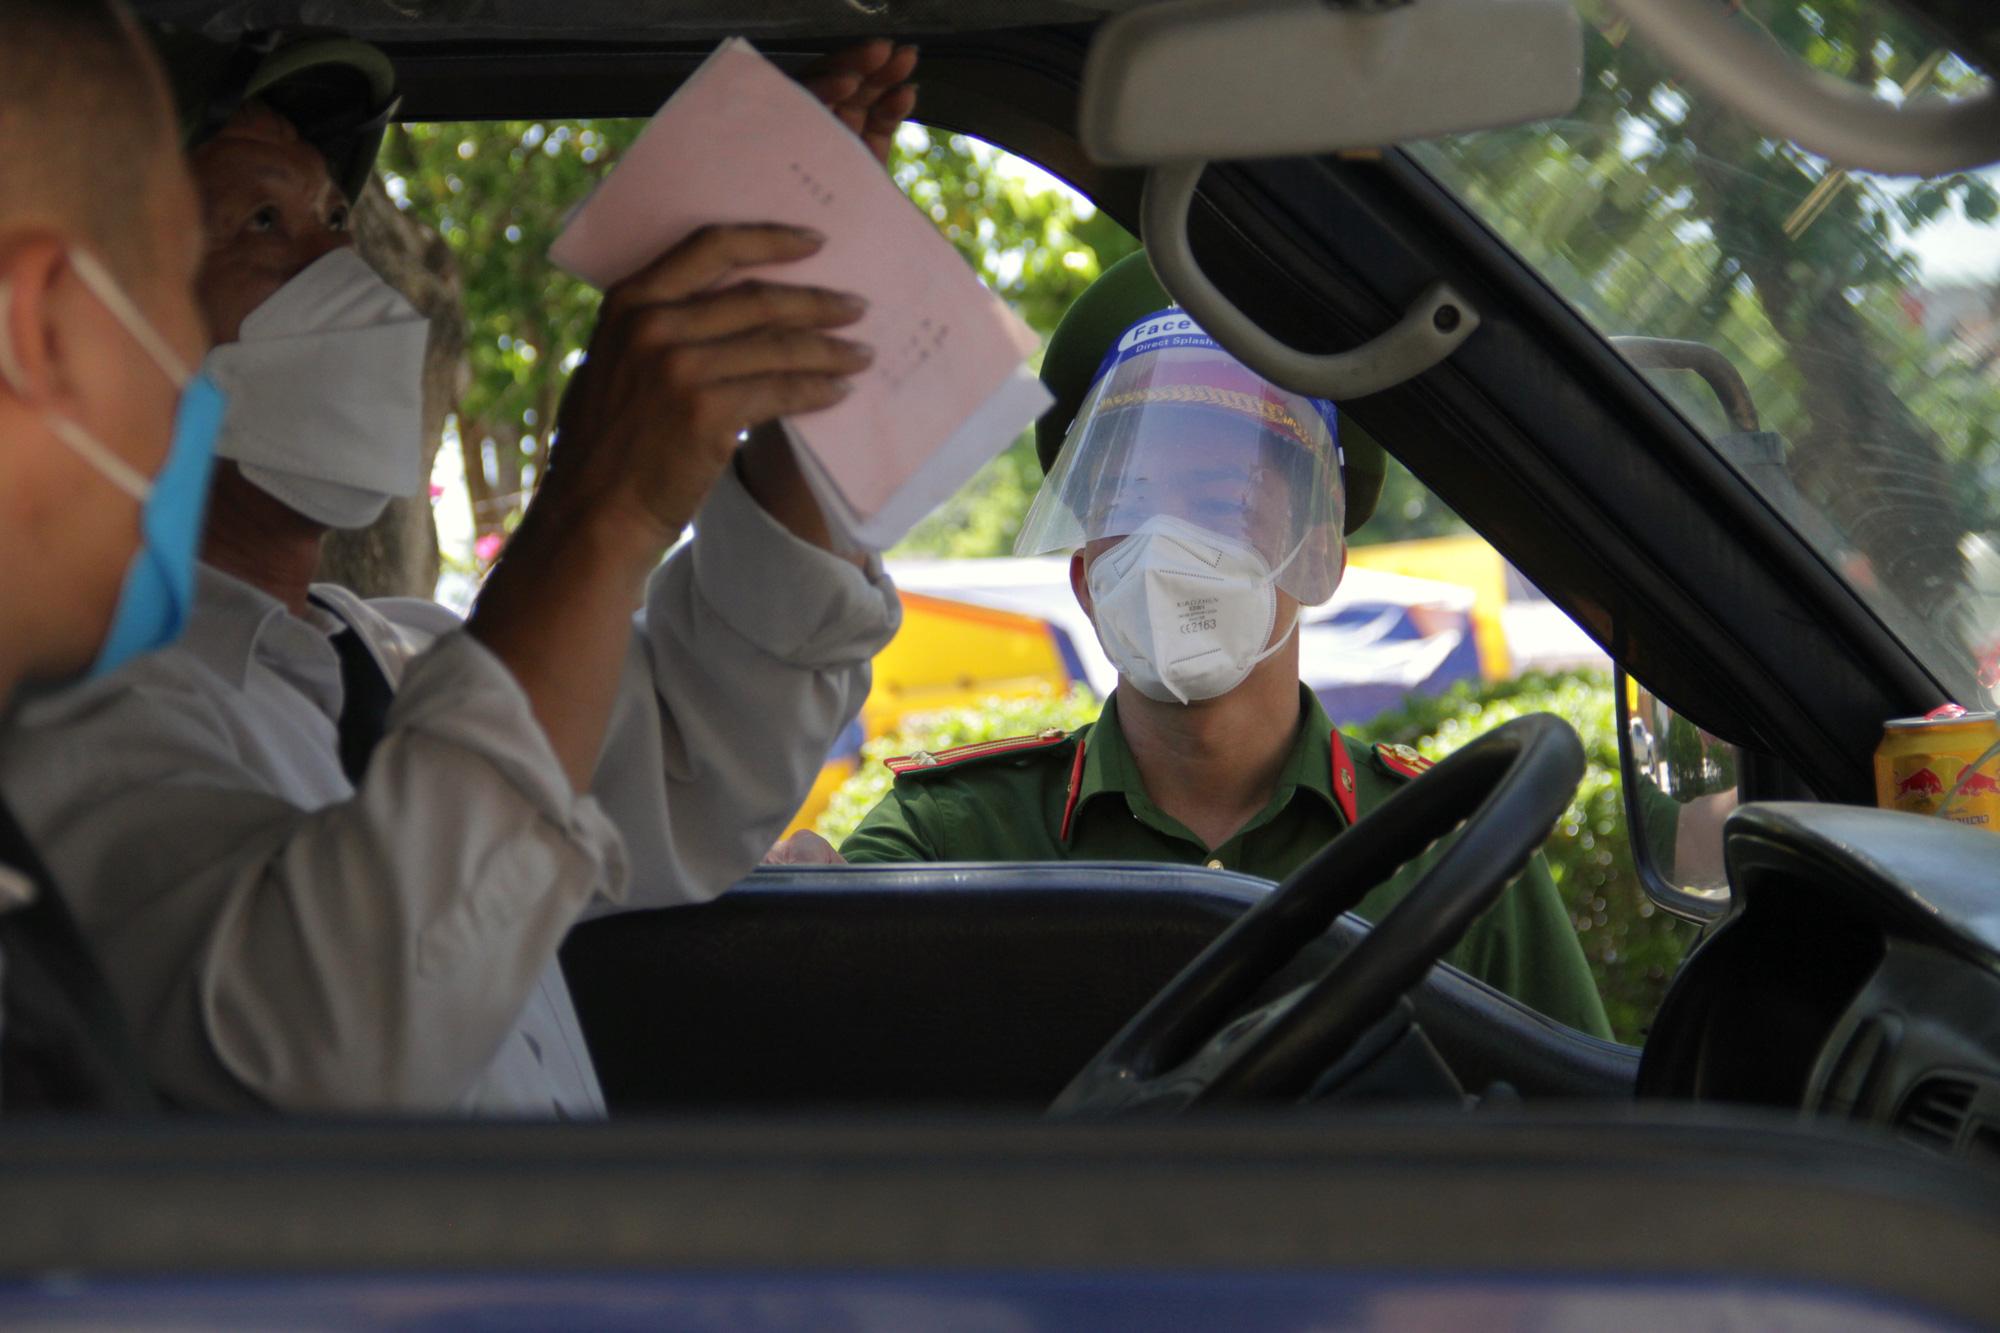 Kiểm soát người ra đường giữa Chỉ thị 16 ở TP Vinh: Công an gọi điện xác minh tận nơi nếu khai báo quanh co - Ảnh 4.